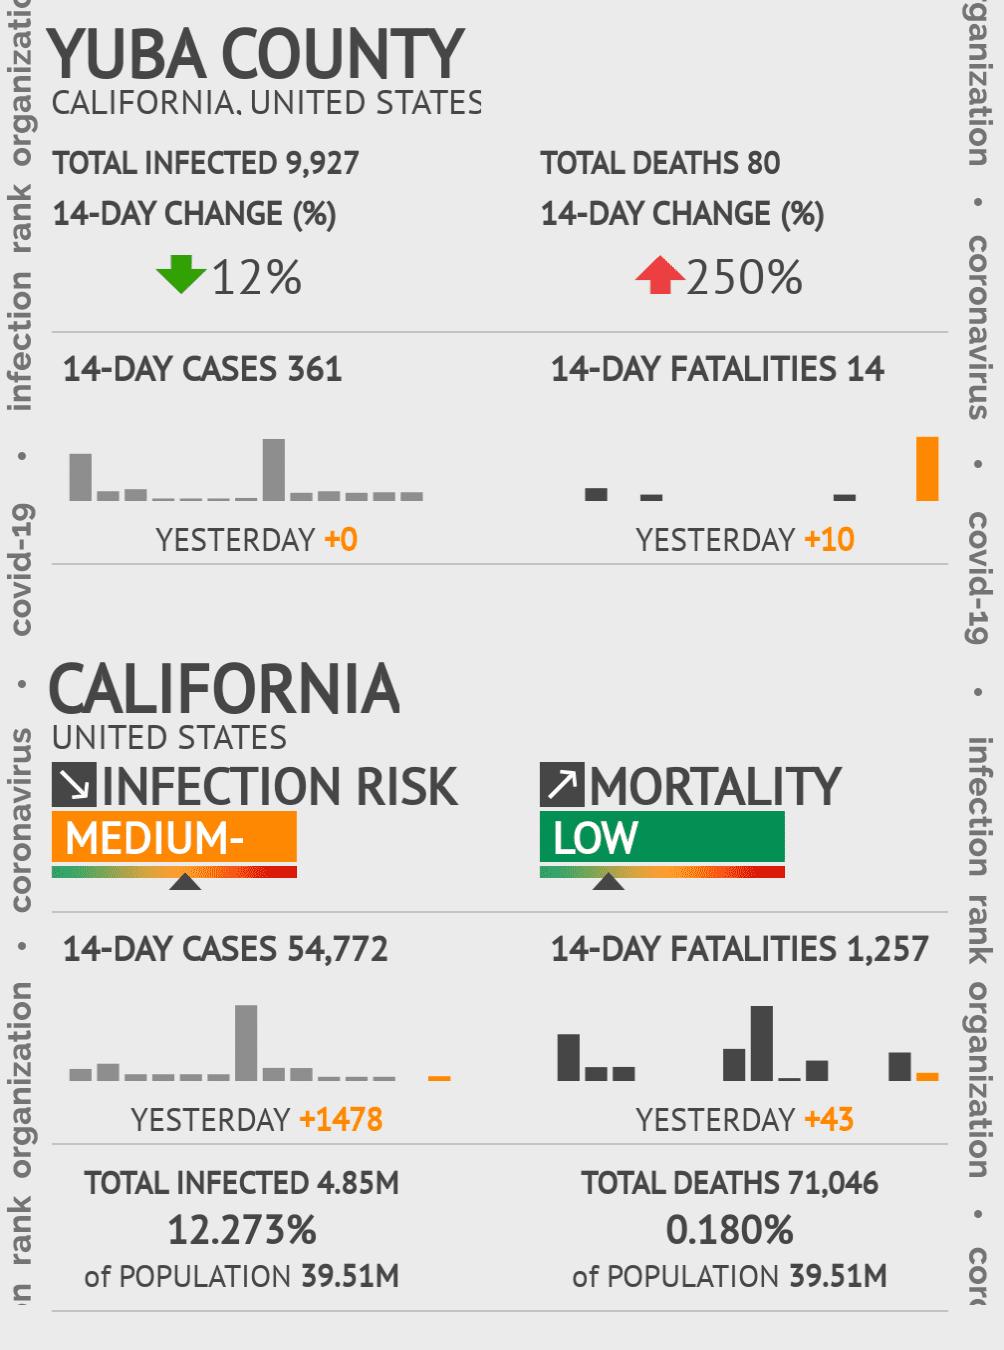 Yuba County Coronavirus Covid-19 Risk of Infection on January 14, 2021